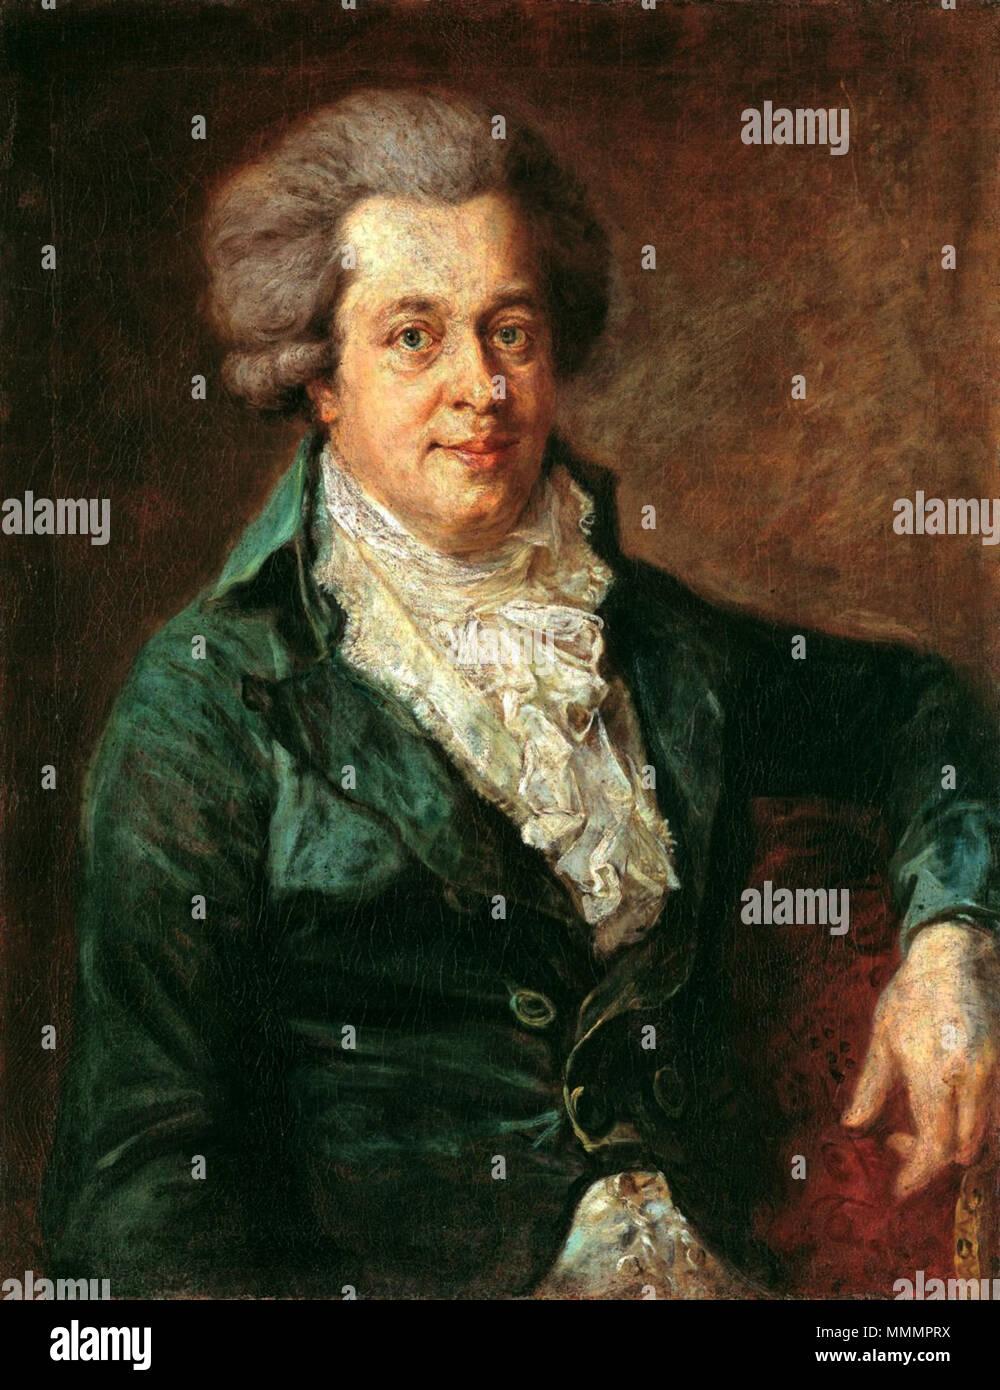 """. English: Porträt von Wolfgang Amadeus Mozart (1756-1791); Johann Georg Edlinger hat das letzte Porträt des berühmten Komponisten gemalt. 1756 wurde Mozart in Salzburg geboren und starb mit 34 Jahren in Wien. Zu seinem 249. Geburtstag wurde das Bild 2005 der ganzen Welt als Mozart-Porträt vorgestellt; es war schon 70 Jahre im Besitz der Gemäldegalerie der Staatlichen Museen Berlin, ehe man feststellte, dass es Mozart darstellt. Für eine Diskussion der Authentizität, siehe Datei: Edliner Mozart.jpg (auf Englisch) und de: Johann Georg Edlinger # Der"""" Edlinger-Mozart"""". Vermutlich 1790 in München (Ge Stockbild"""